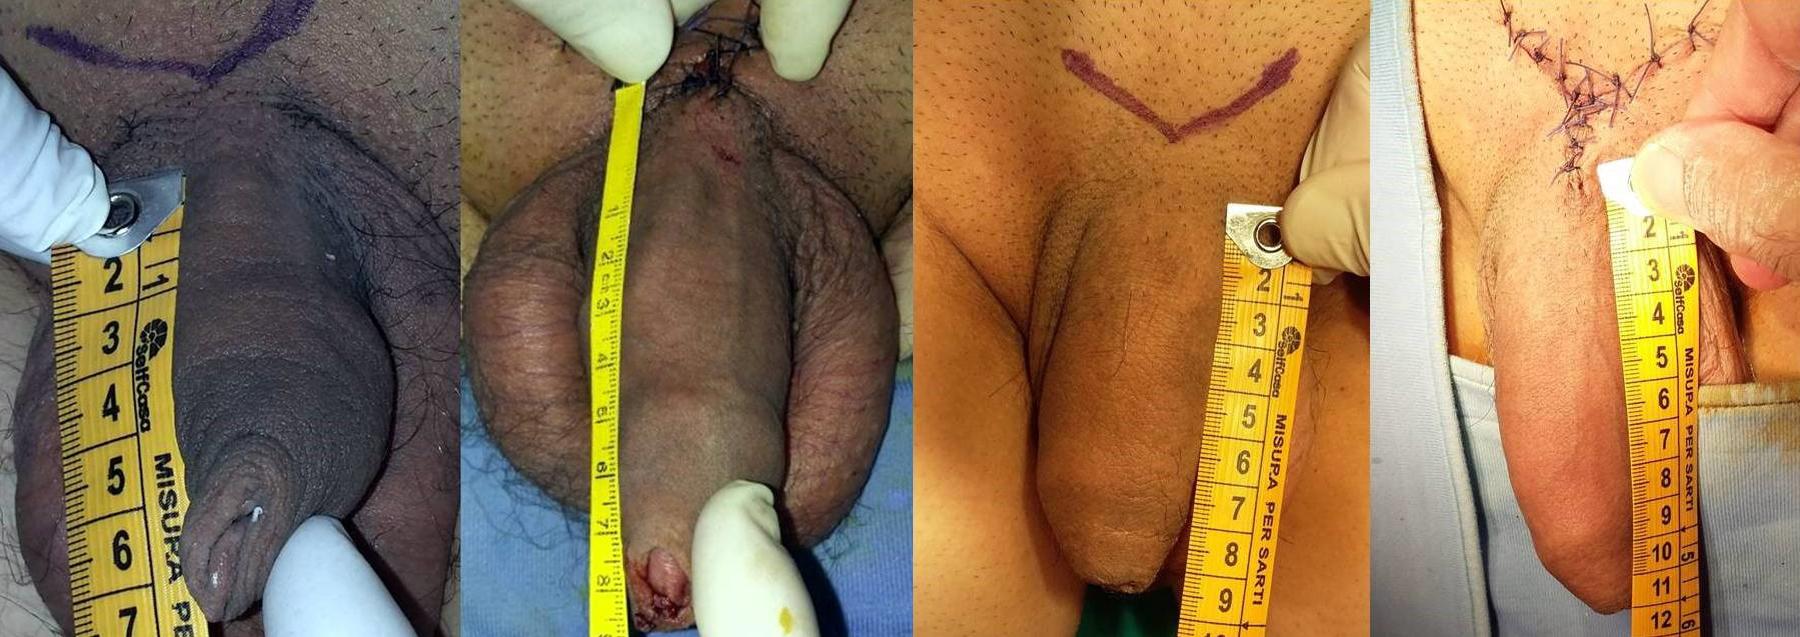 Allungamento del pene prima e dopo